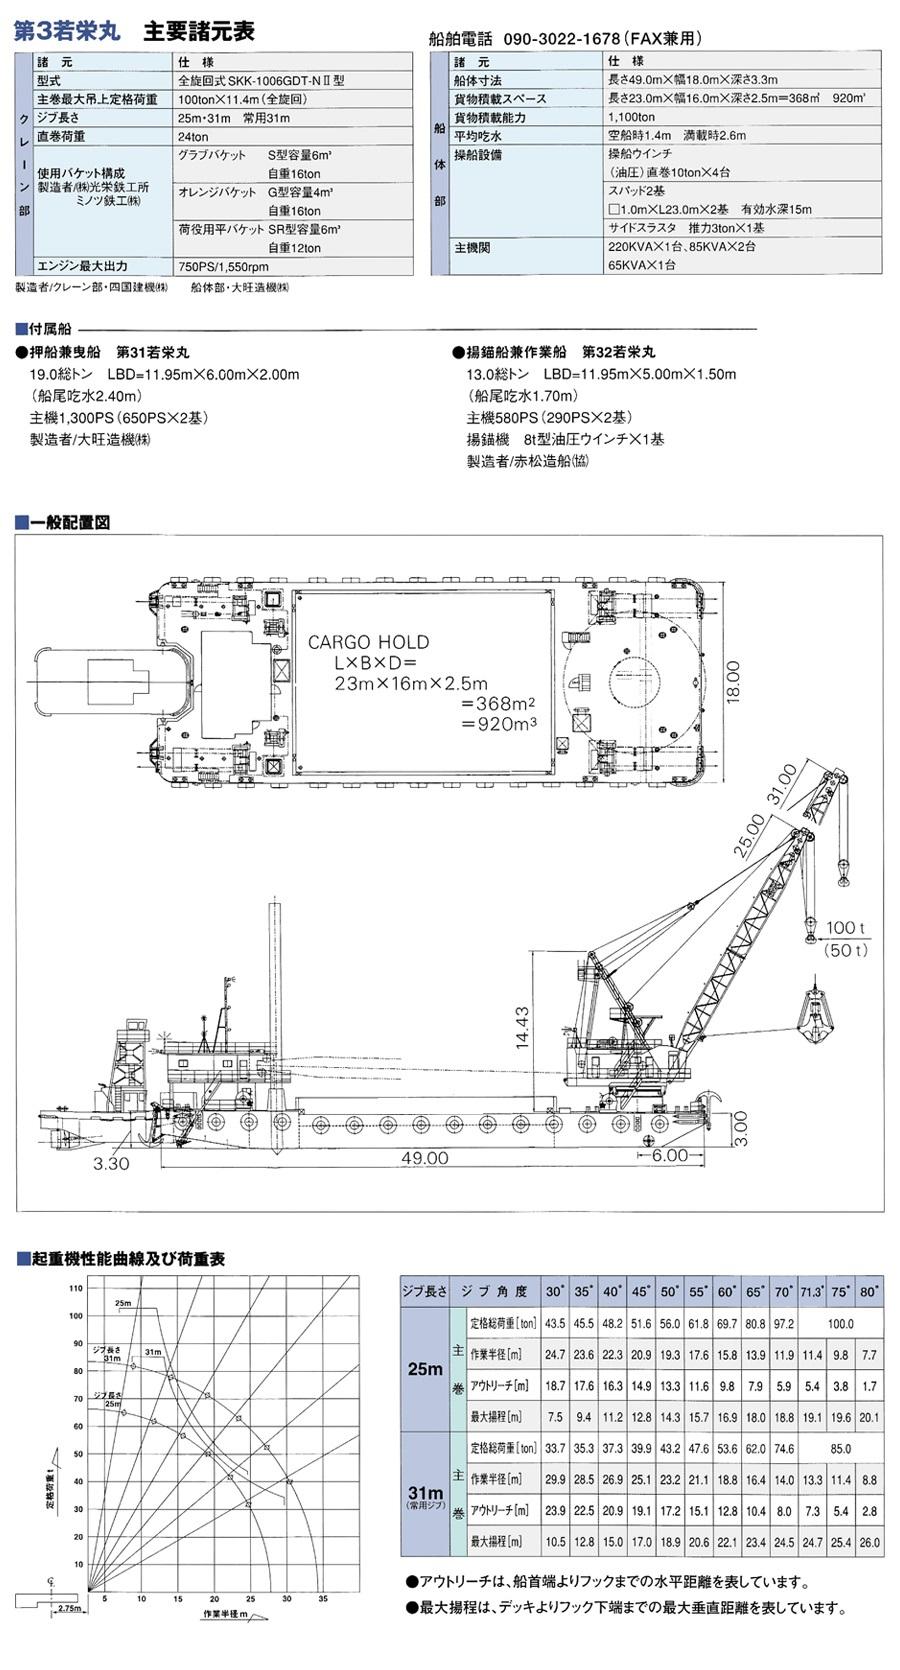 第3若栄丸船情報